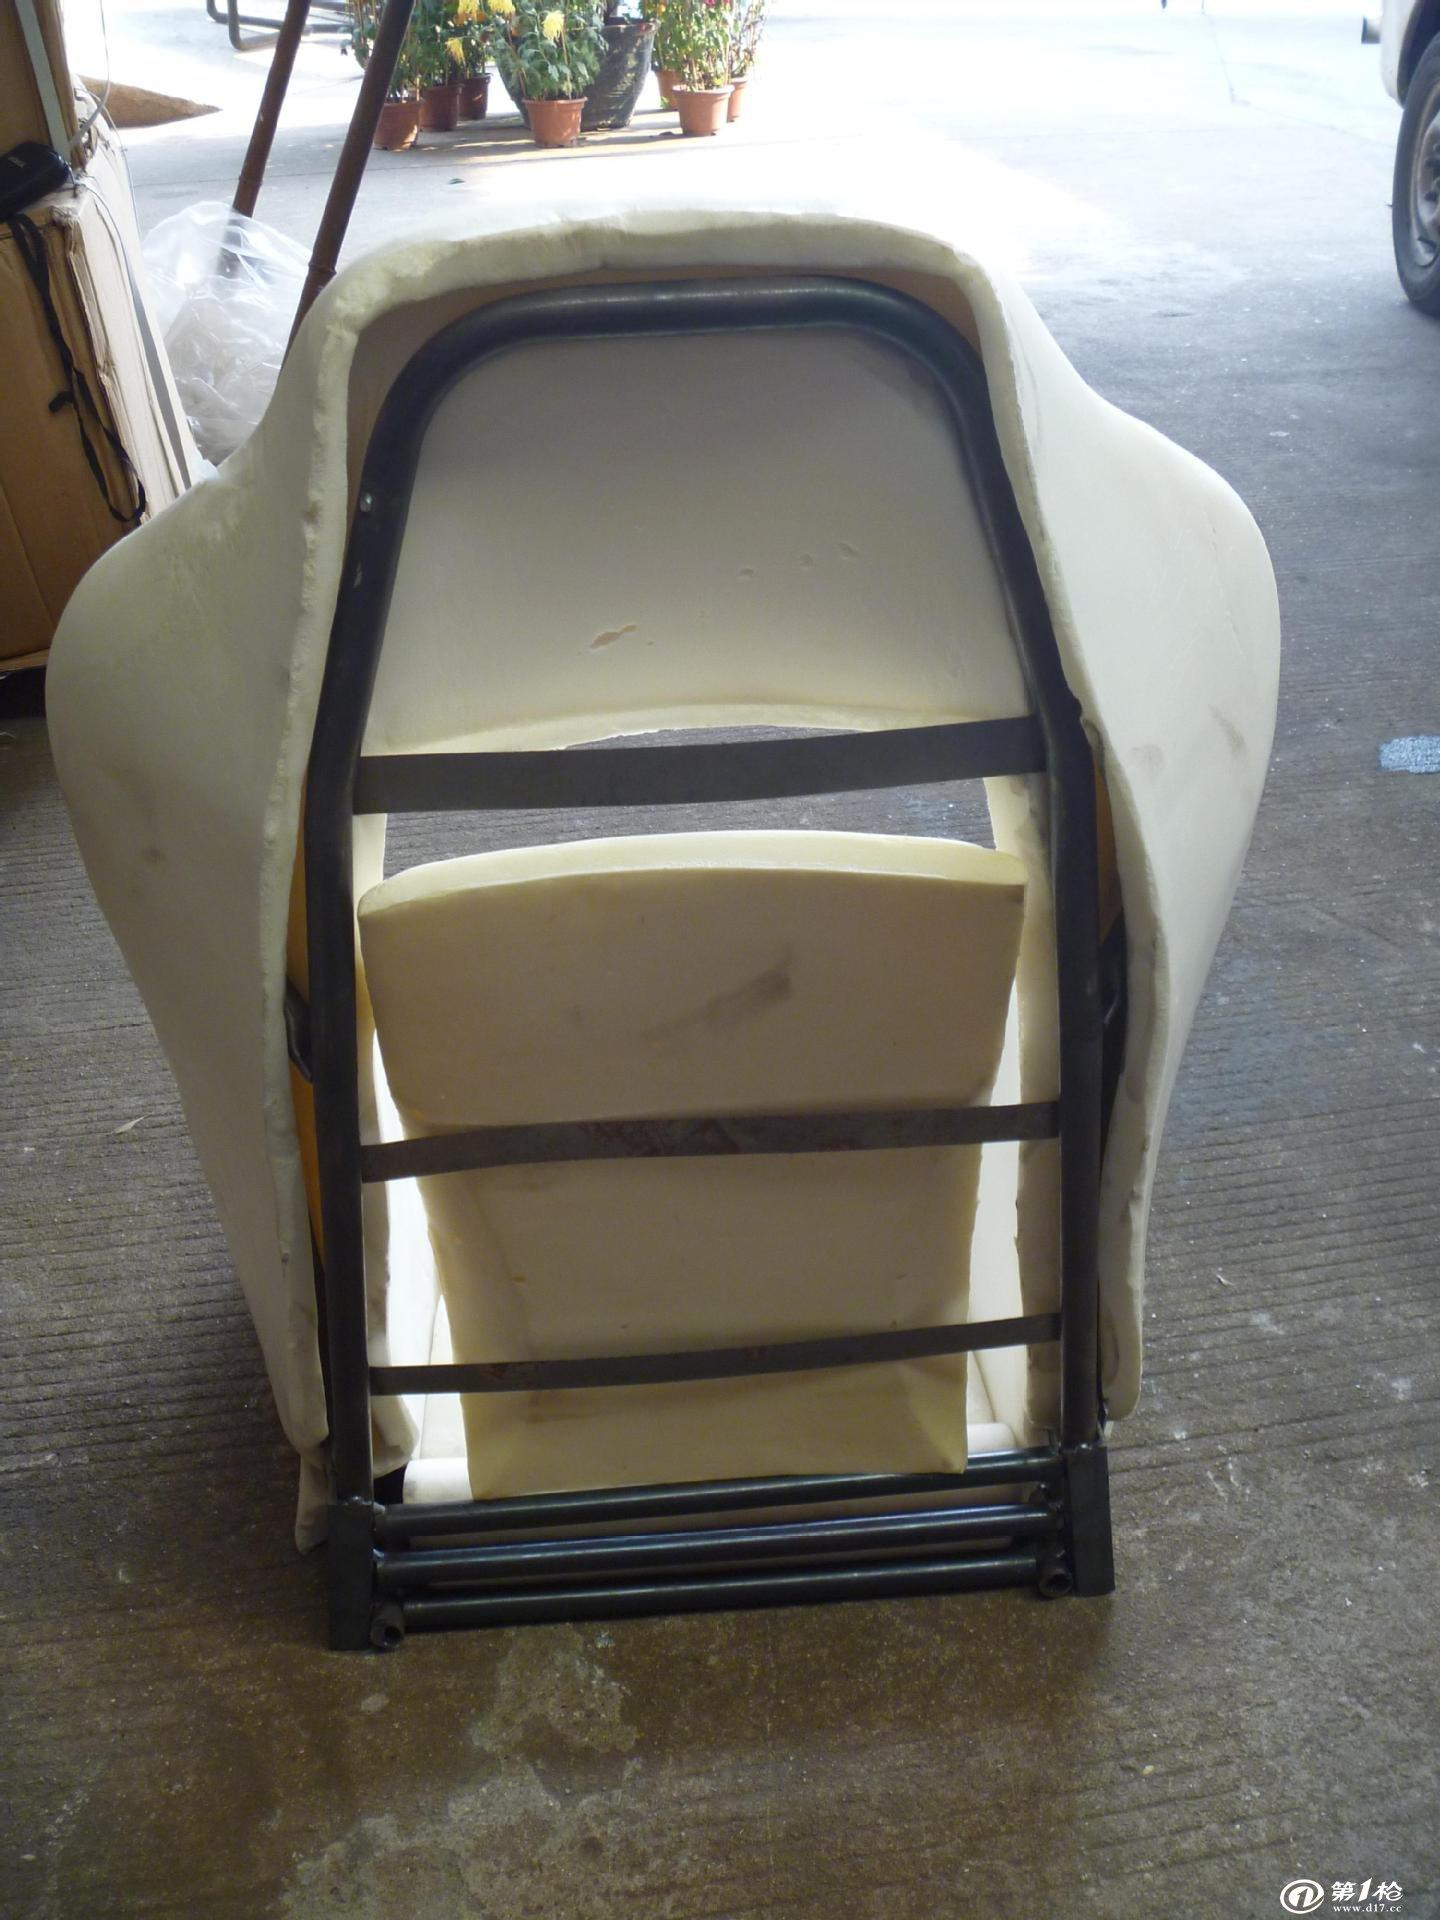 1、椅座、背采用整体成型三合一软体设计,座垫海绵密度不低于60密度,椅背海绵密度不低于55密度。 2、面料采用优质环保皮,阻燃国标,耐磨,抗色变,柔软度适中,易清洗可根据客户需求确定颜色和质感。根据需要还可处理成3M防污;铁氟龙防泼、防尘;抗静电、防菌、防霉变及防火阻燃等要求。阻燃效果可达到中国GB8410-94、GB17951-1998及英国BS7176、BS5852等标准的要求。。 3、钢质部分全部采用国产优质热轧钢(武钢),角铁、管板均采用高频焊接,厚度不低于1.